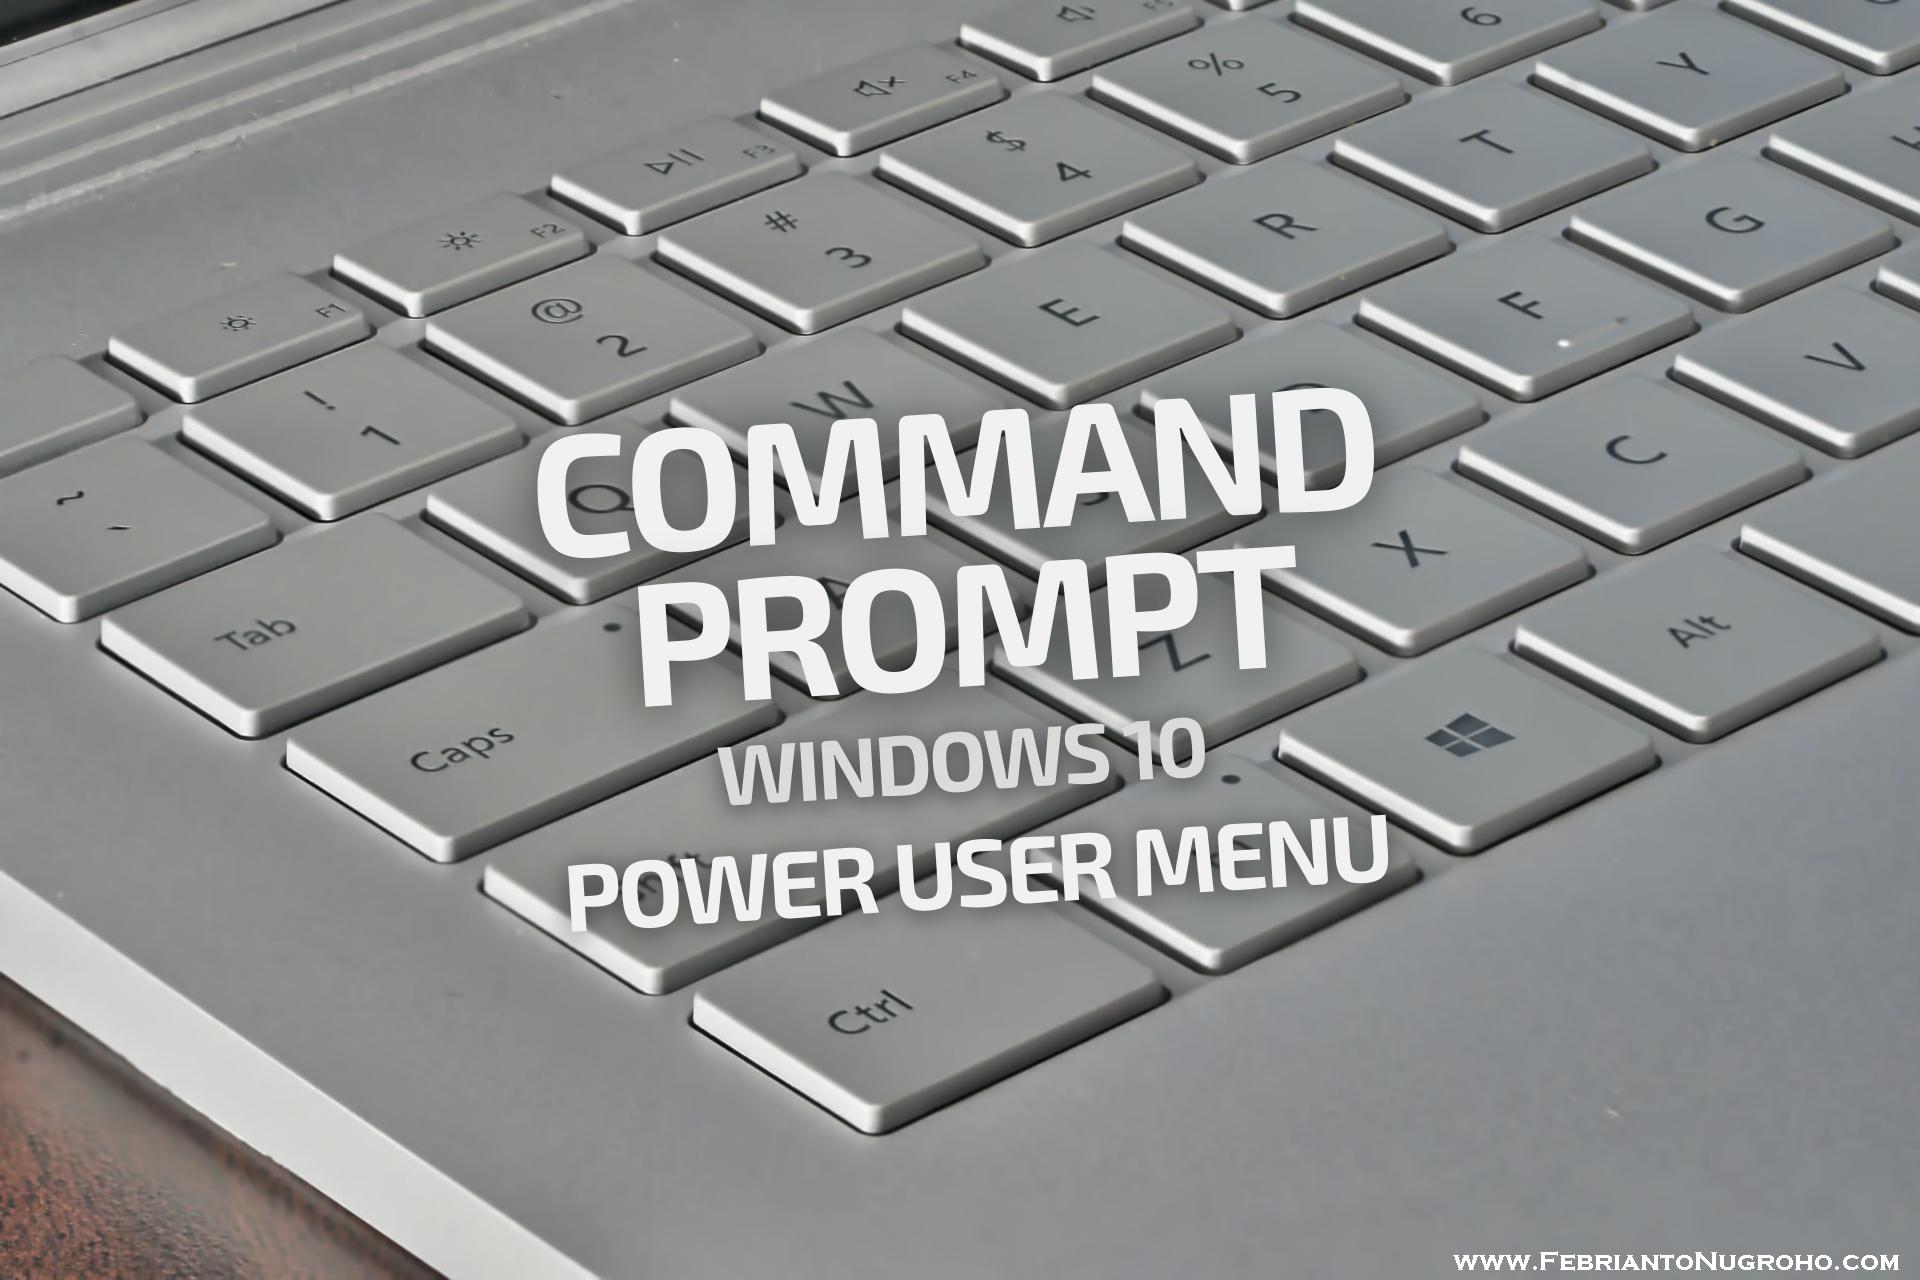 Membuka Command Prompt di Windows 10 via Power User Menu